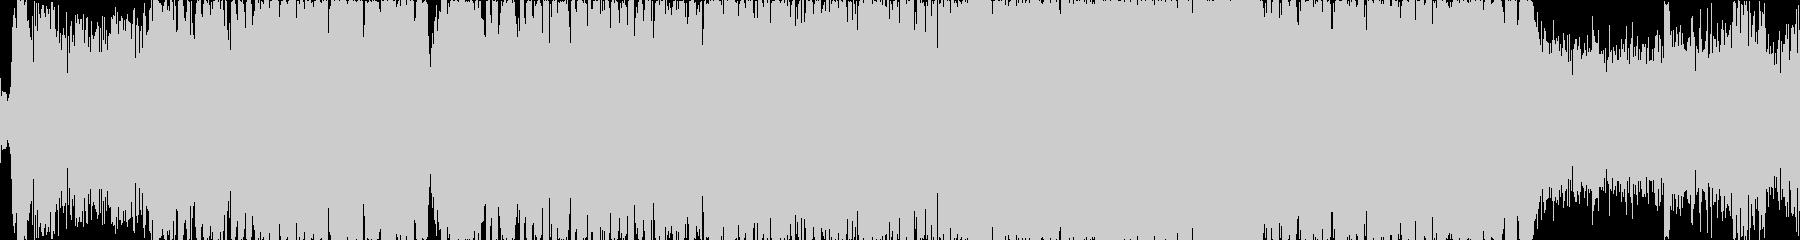 グロウルベースが主体のドラムンベースの未再生の波形